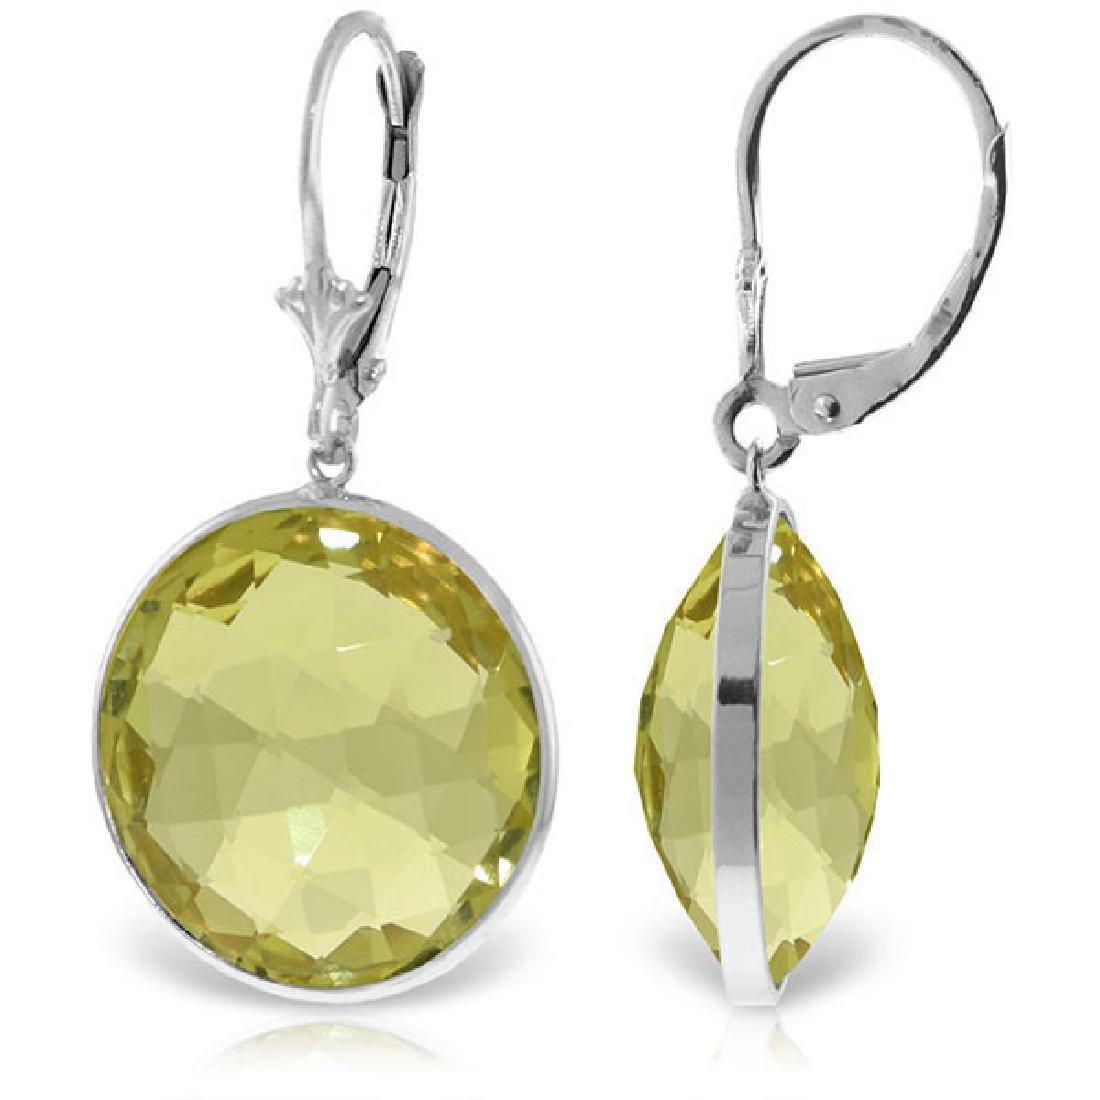 Genuine 34 ctw Quartz Lemon Earrings Jewelry 14KT White